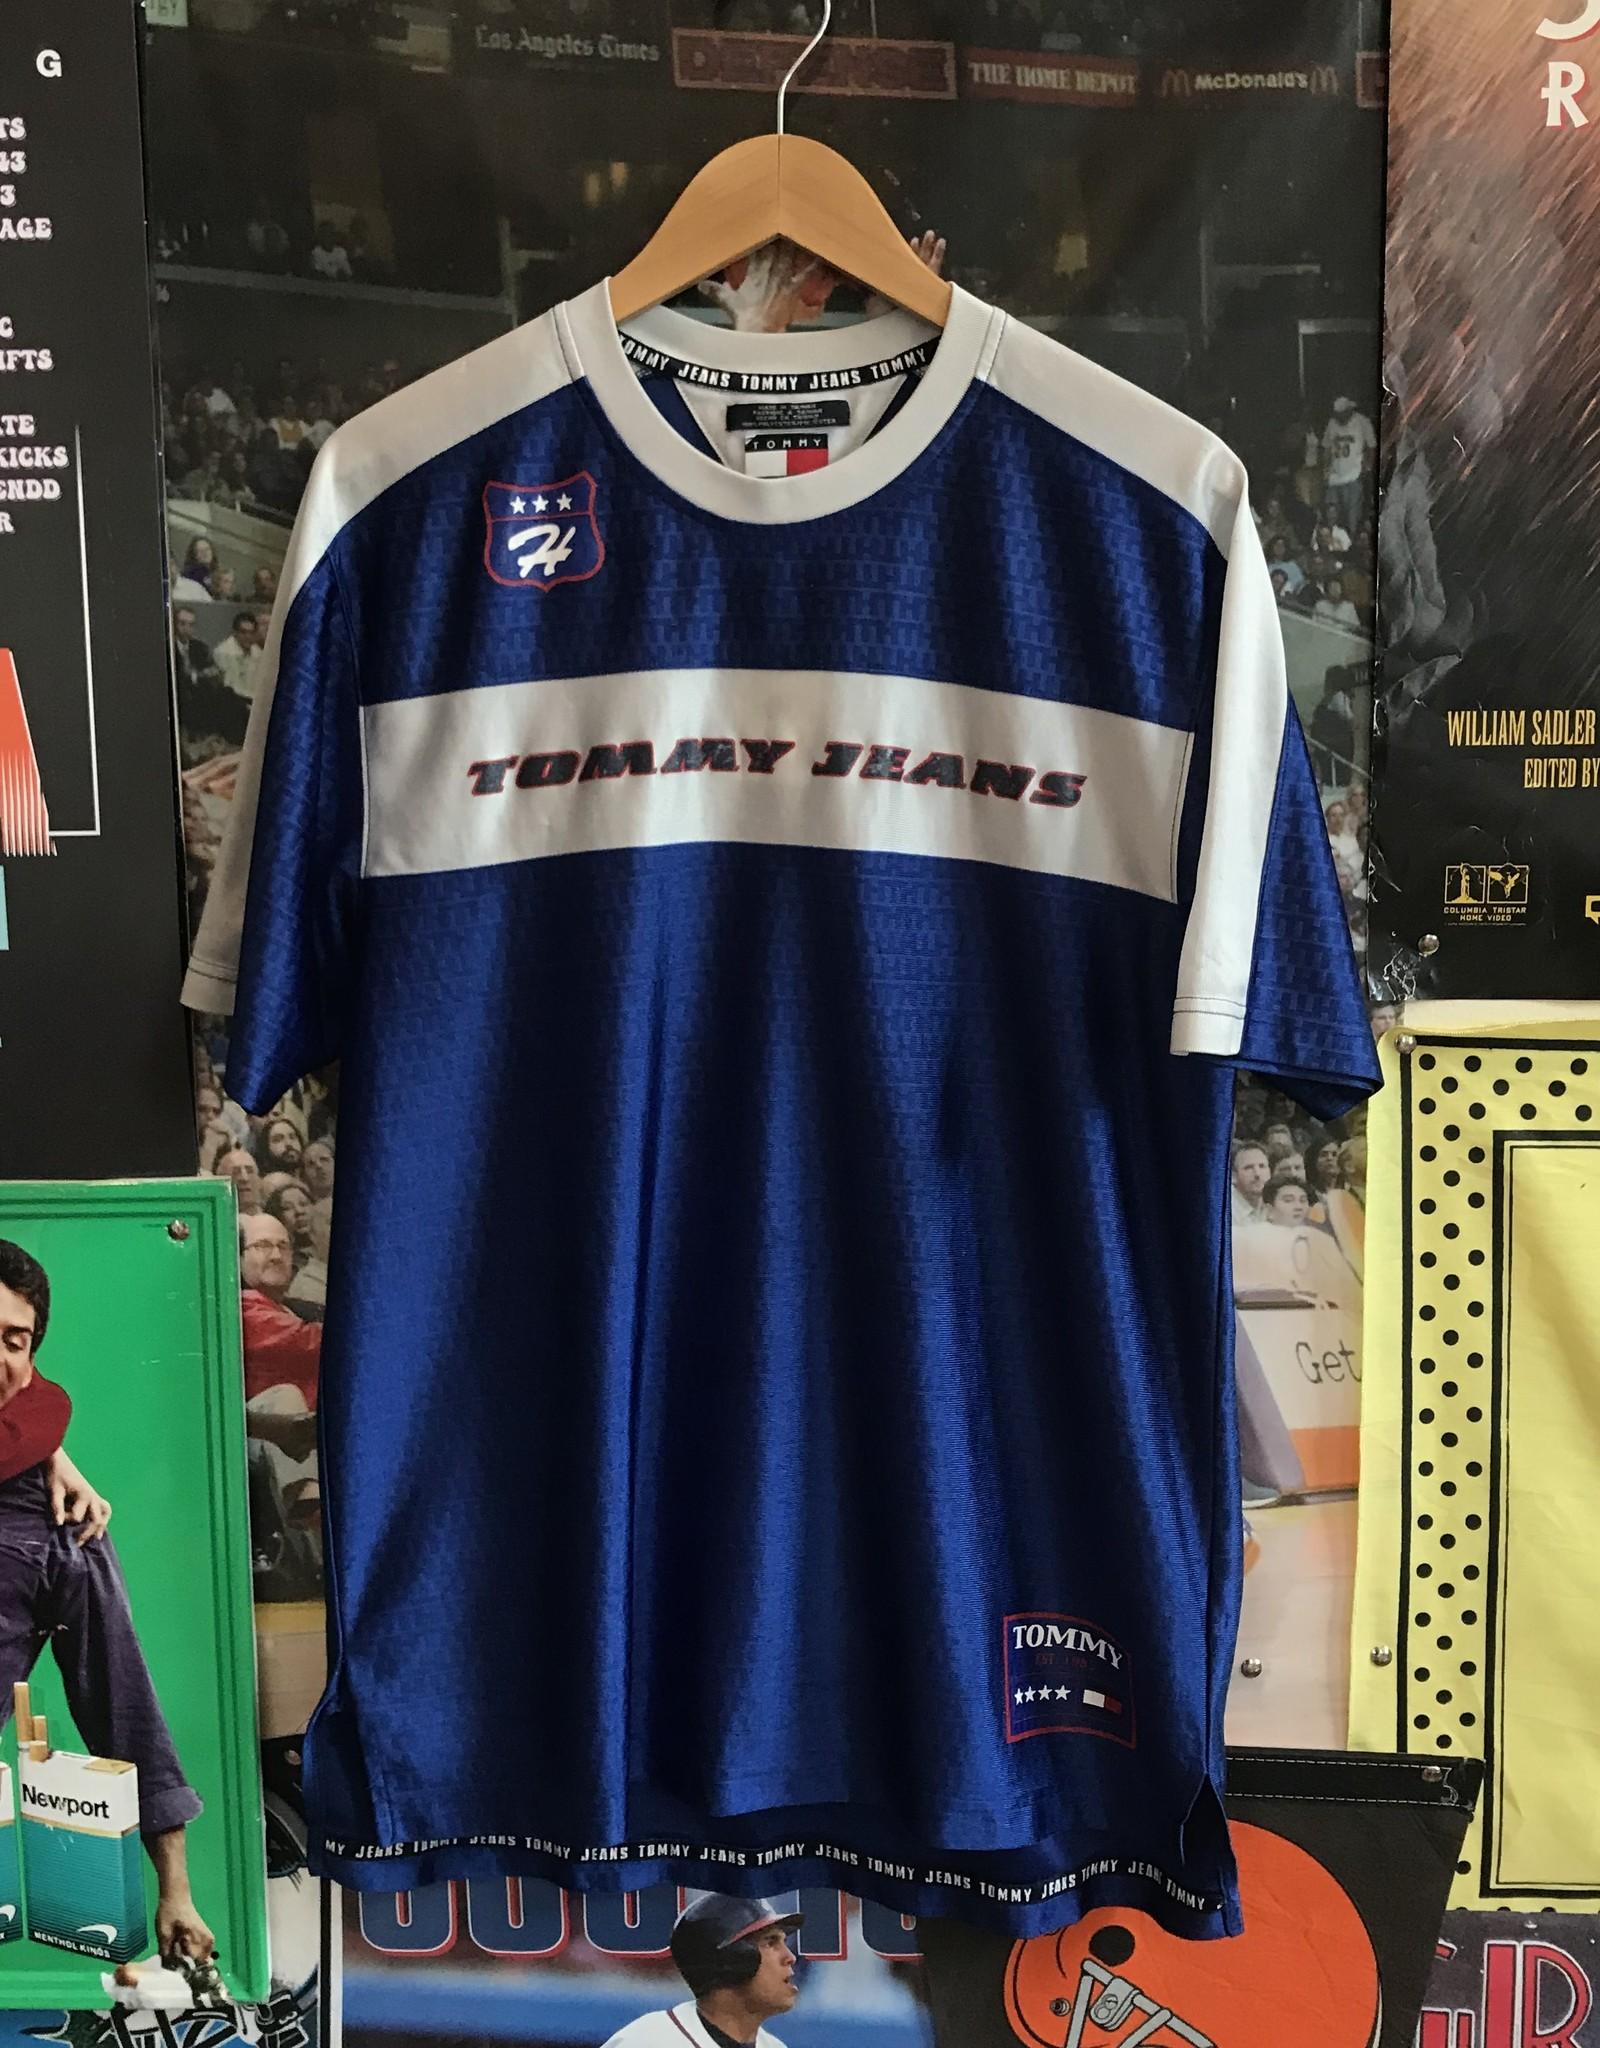 4190tommy jeans soccer kit blue sz L